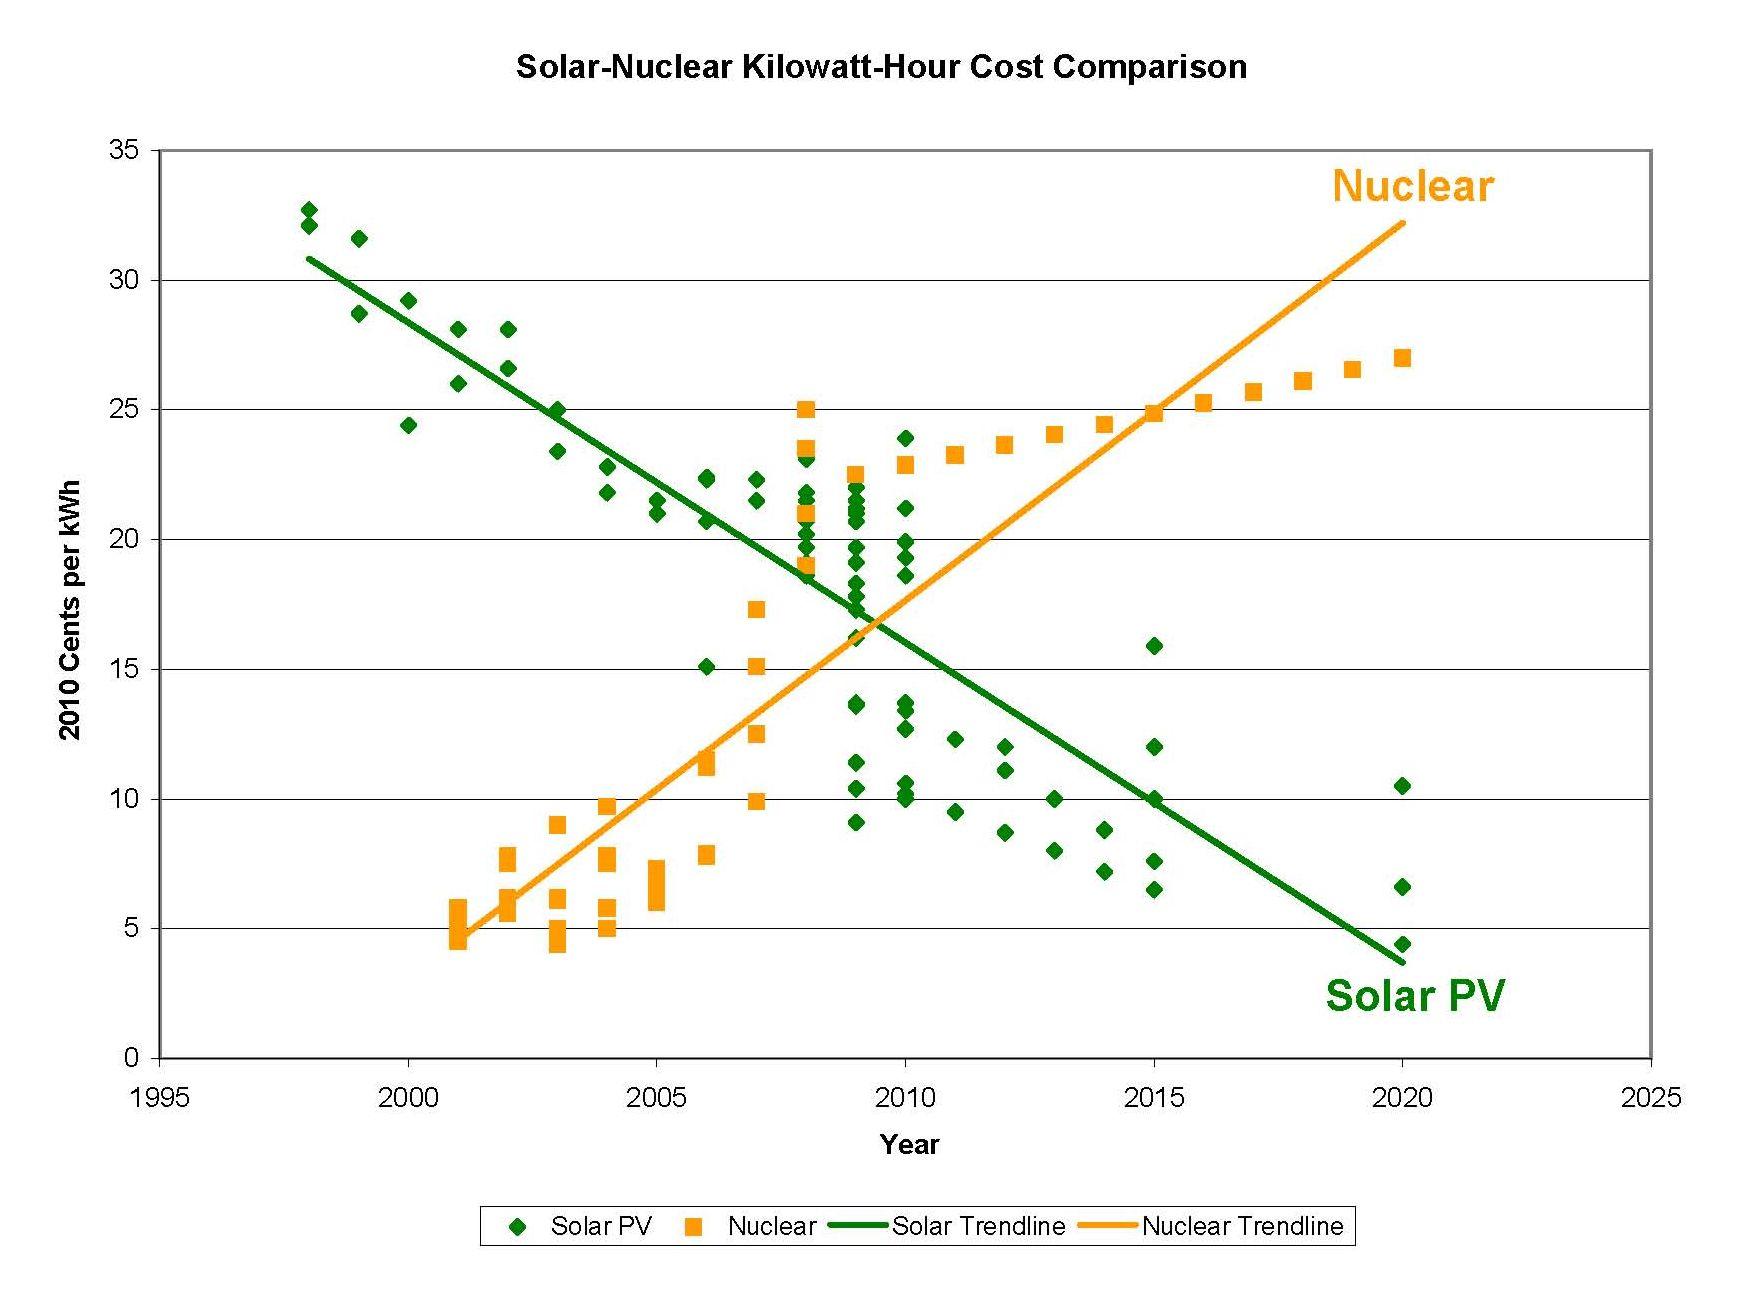 太陽光と原発の1kWh当たりコストの比較